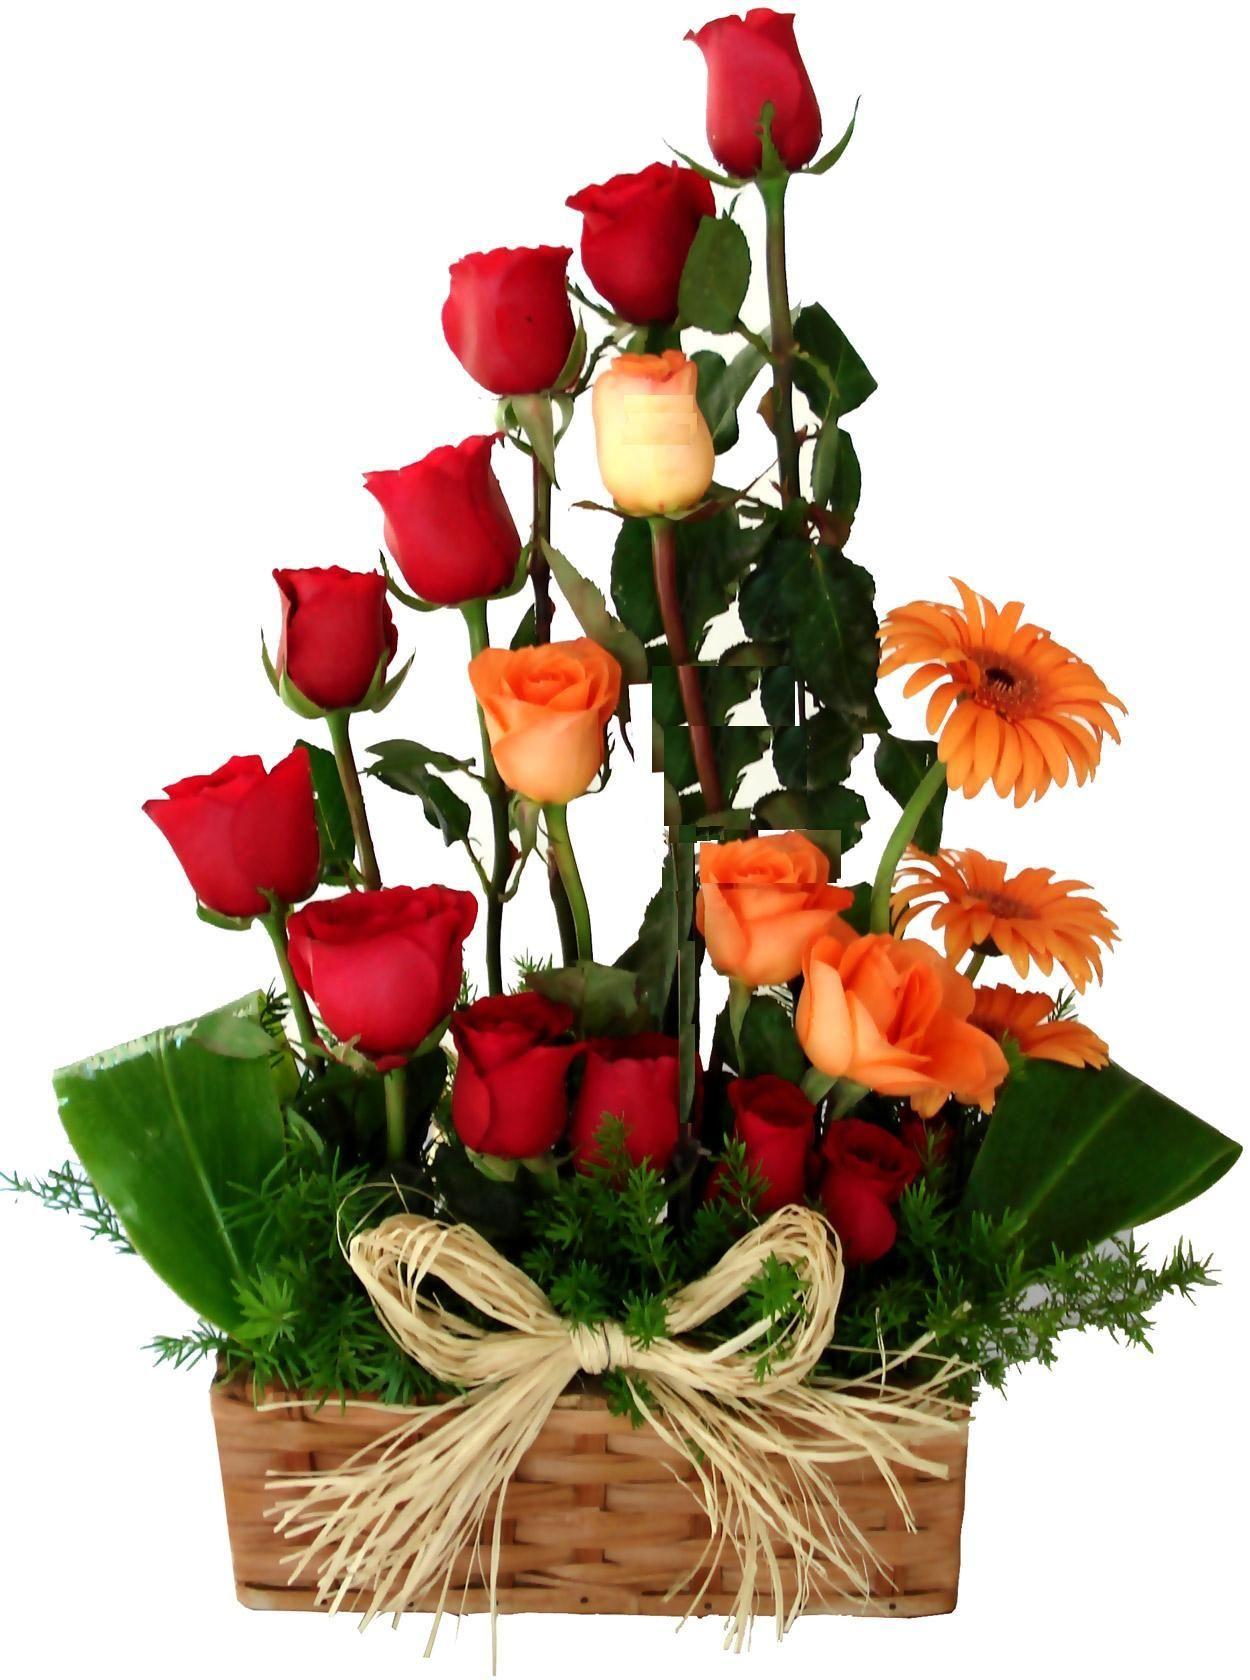 Arreglos florales buscar con google arreglos florales for Arreglos de rosas sencillos